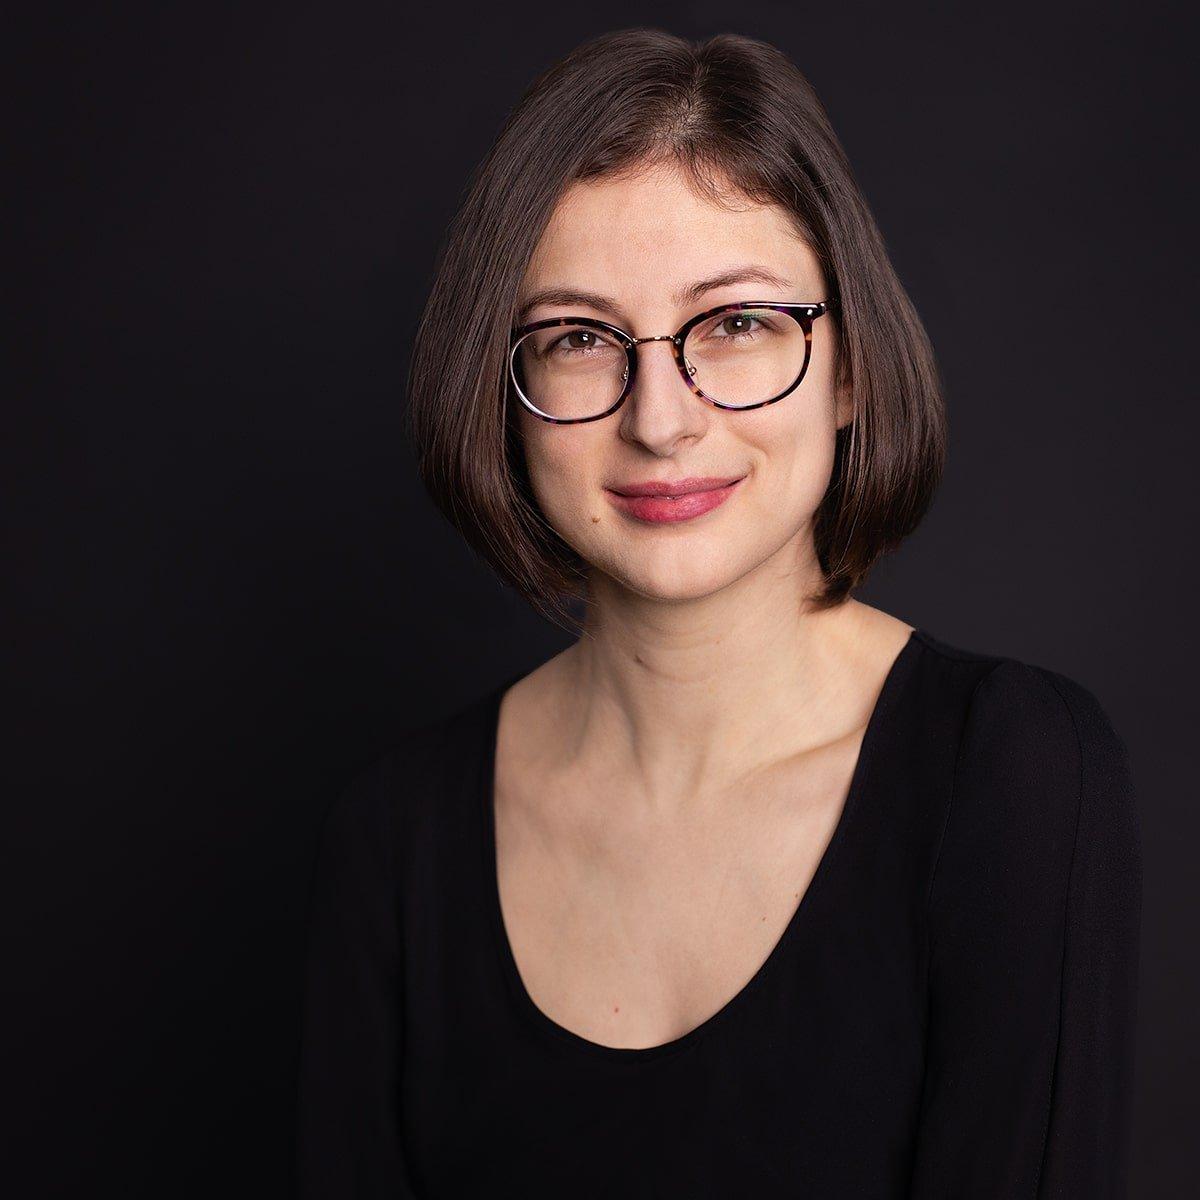 Pauline Stoessel (Suhr)